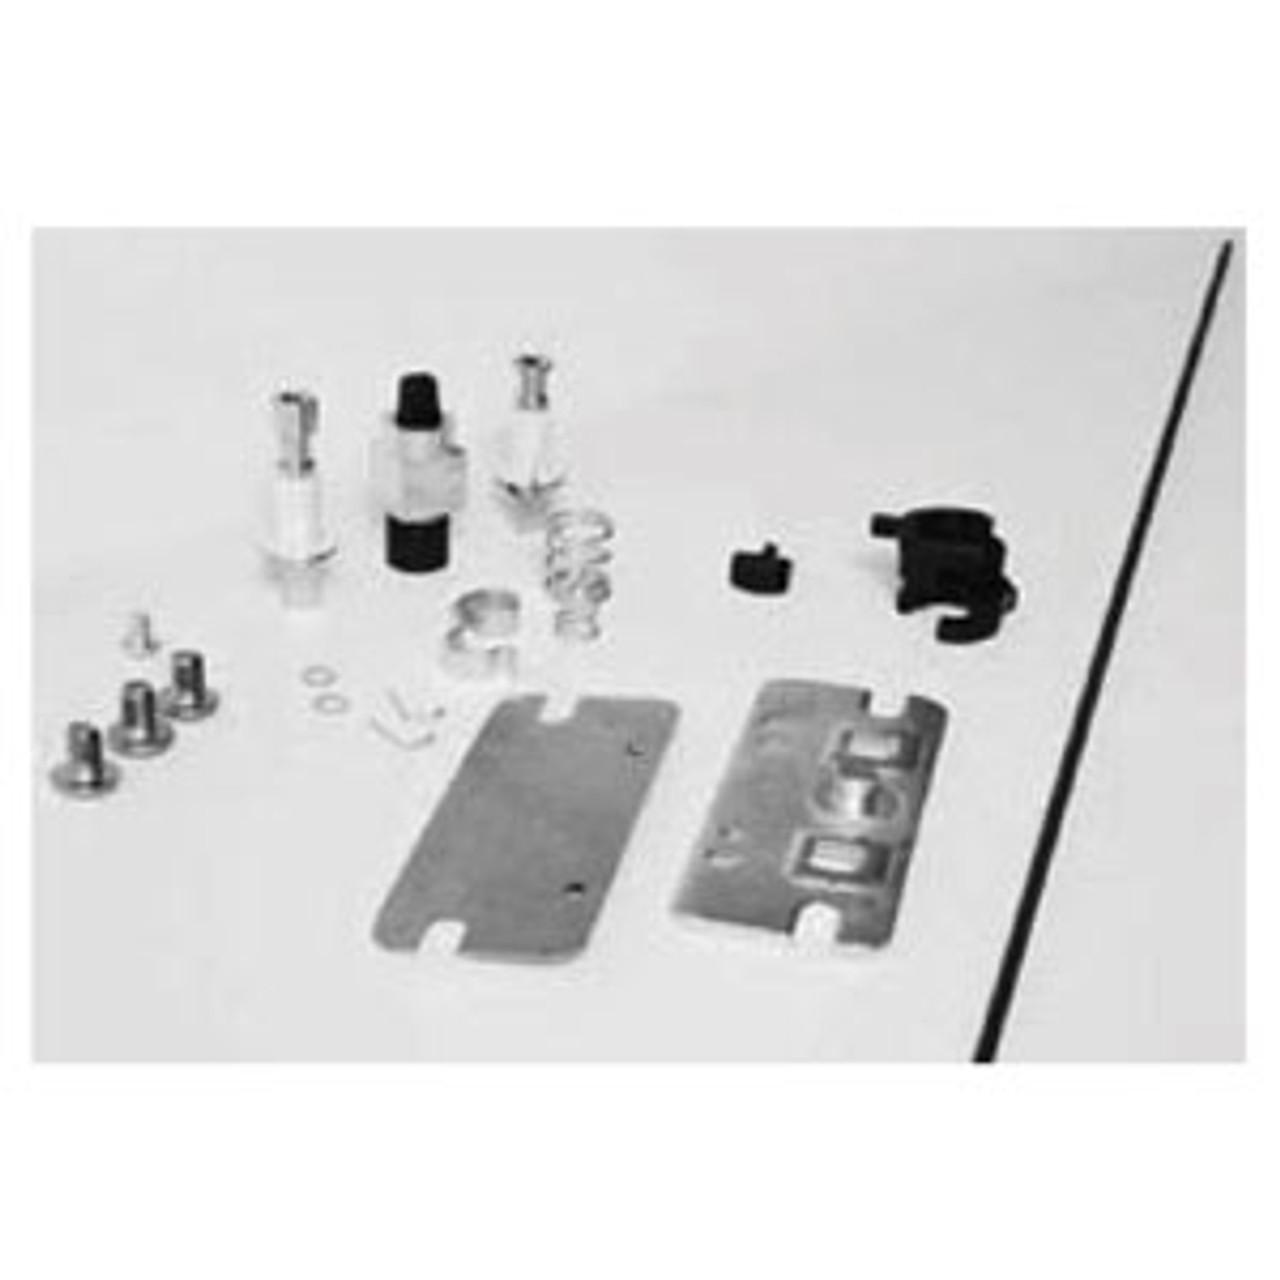 Ardco Frame Kit 77-18533G003  sc 1 st  Hinged Parts & Ardco Frame Kit 77-18533G003 - Hinged Parts